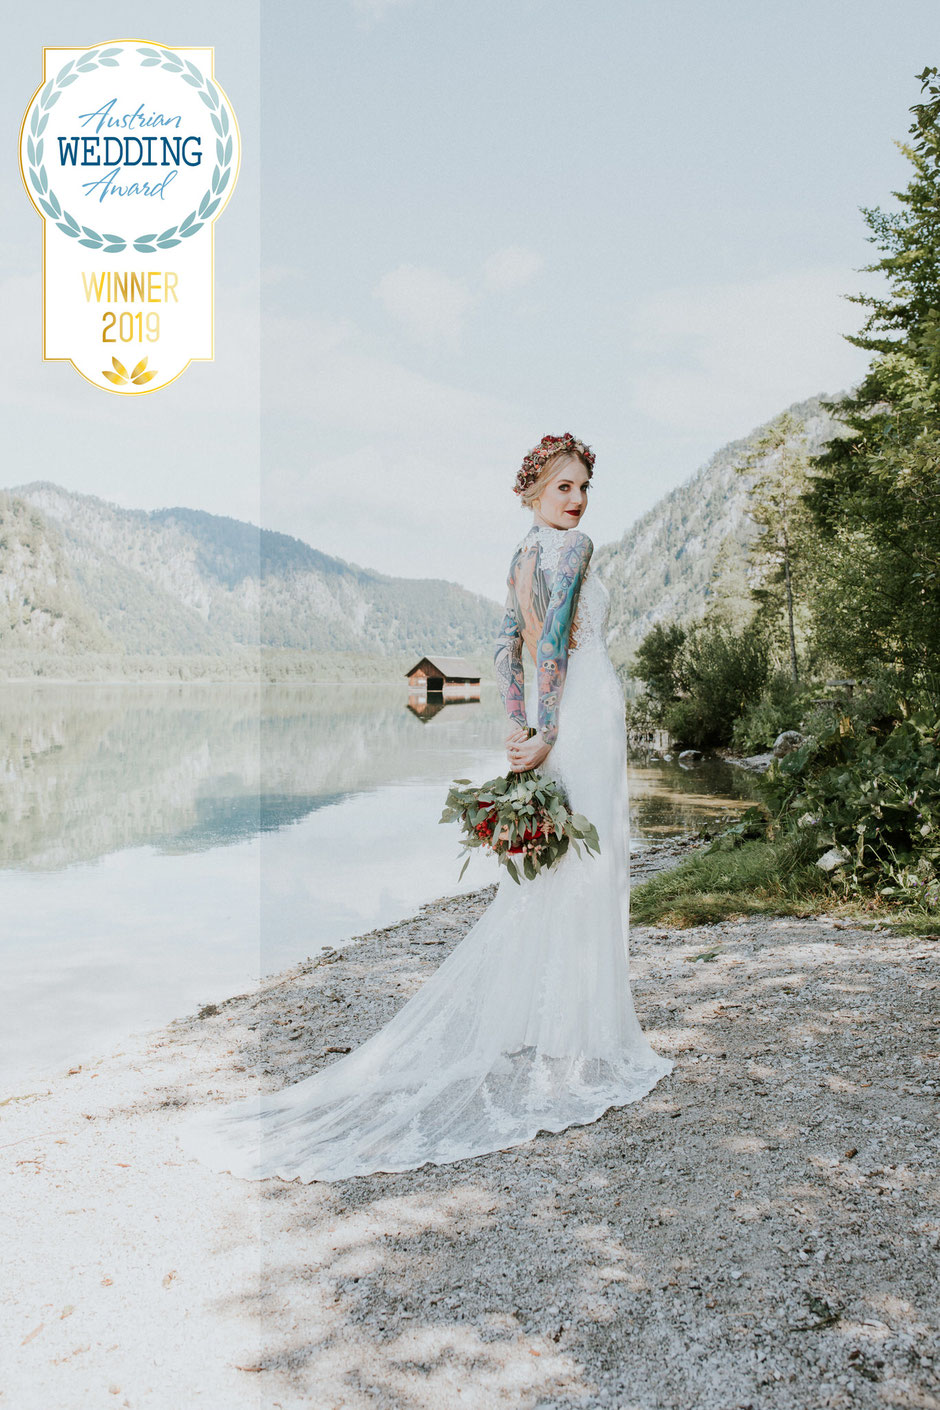 Hochzeitsfotografin Oberösterreich, Almsee, Destination Wedding, Bohohochzeit, Austrian Wedding Award